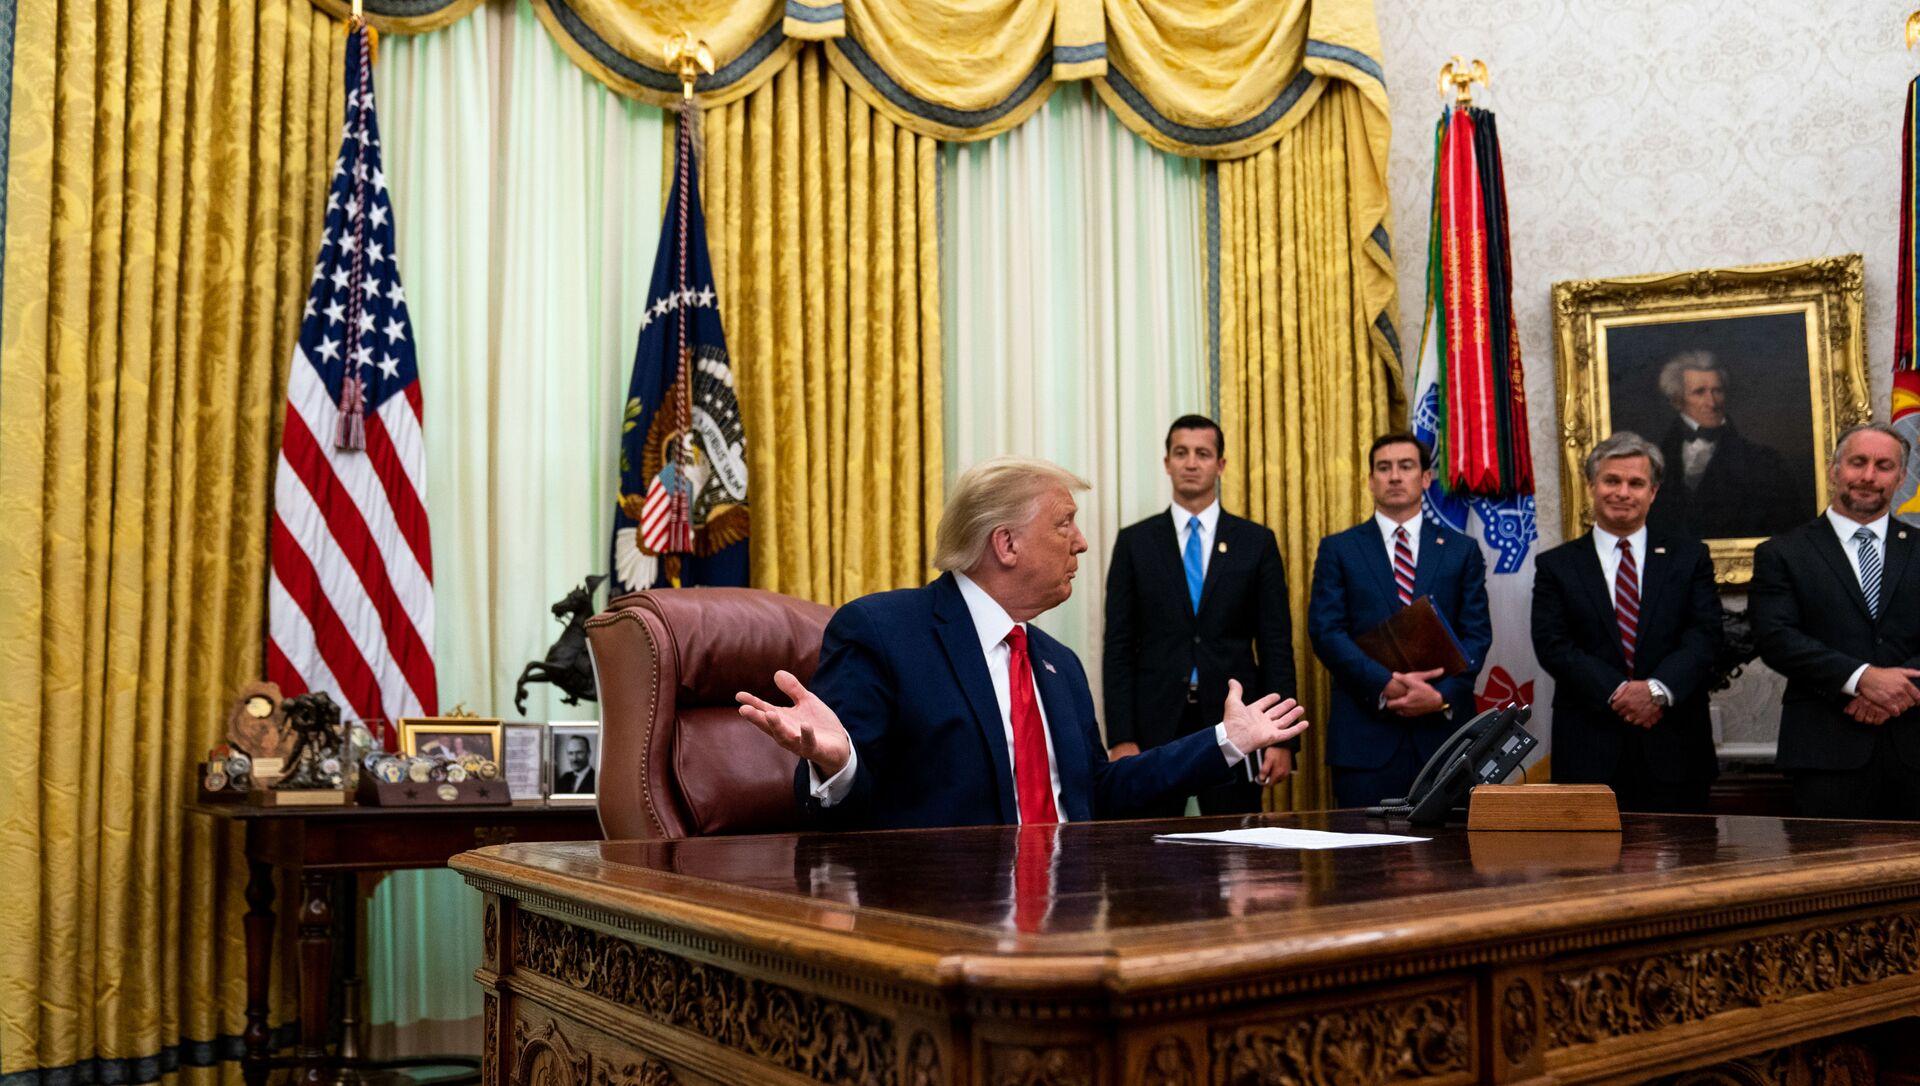 Prezydent USA Donald Trump w Gabinecie Owalnym w Białym Domu, 2020 rok  - Sputnik Polska, 1920, 10.02.2021